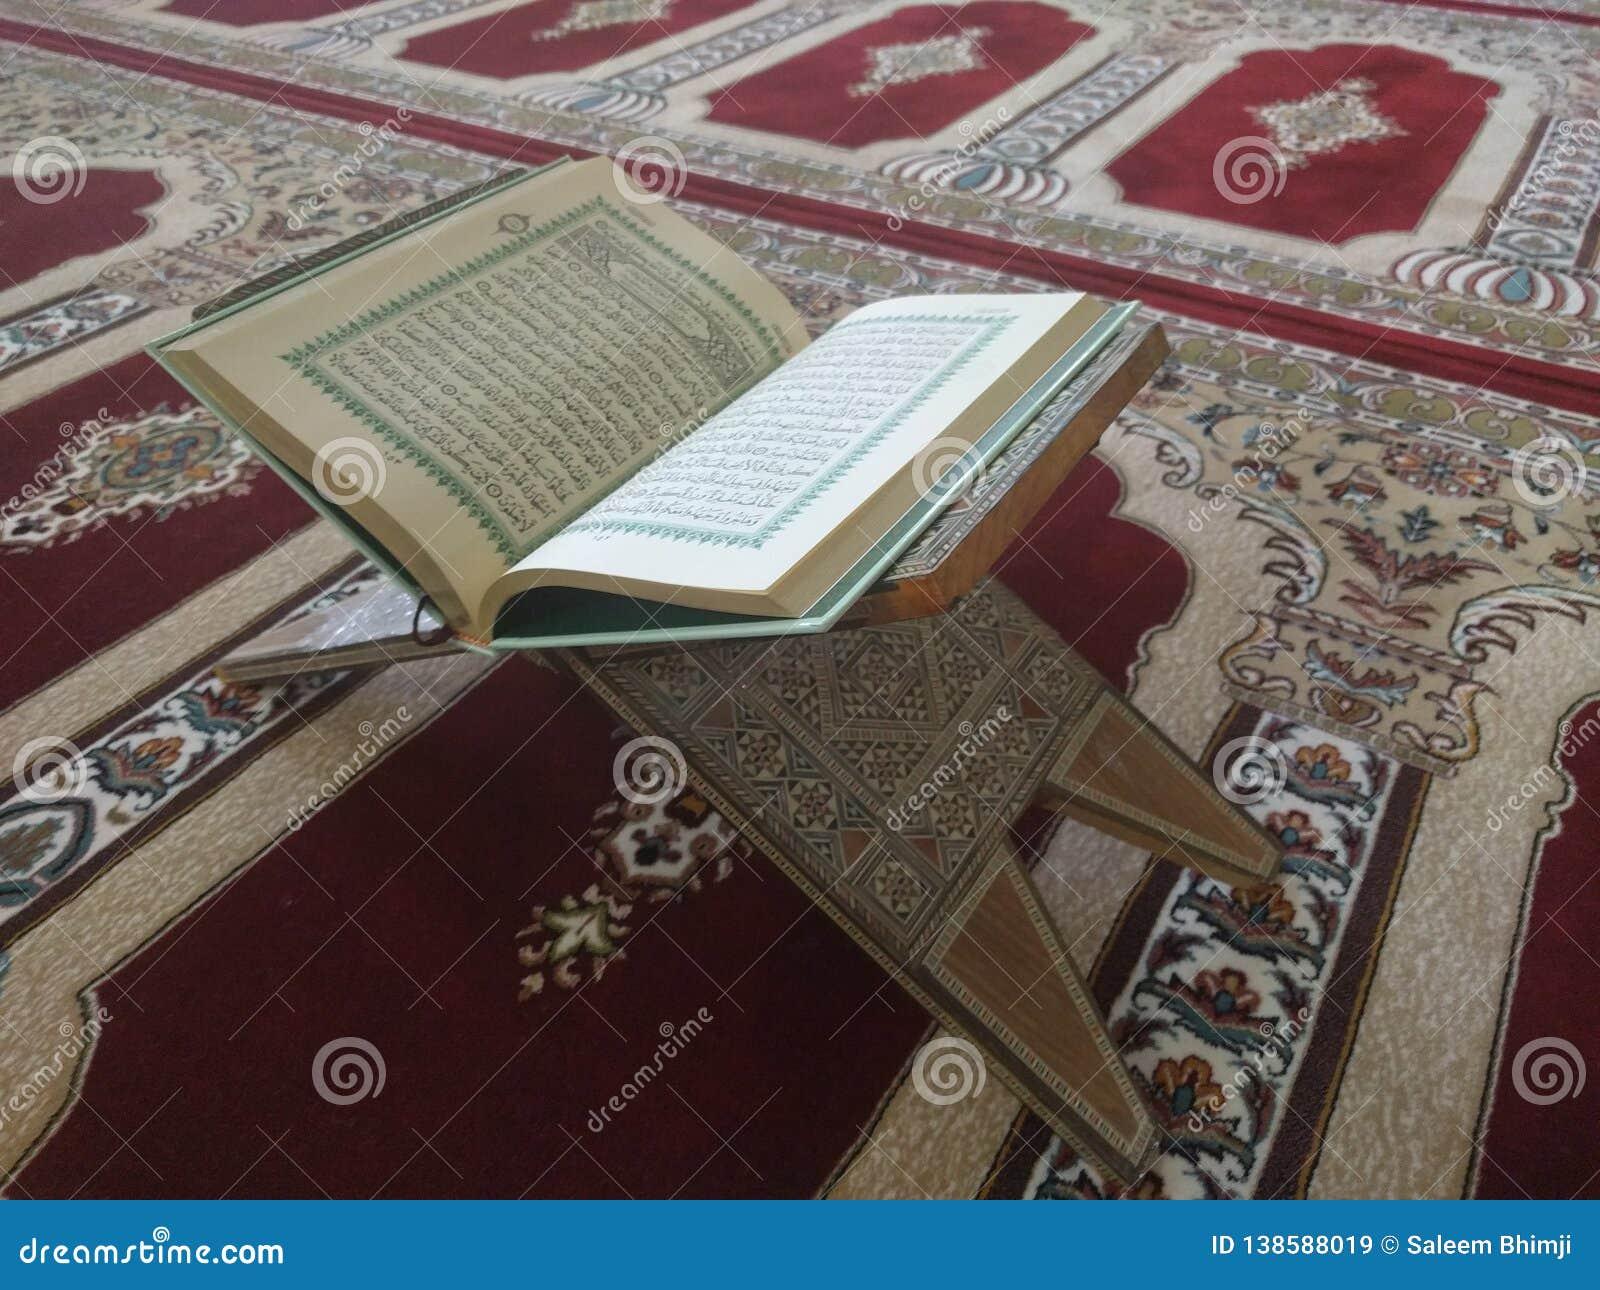 Święty koran w Angielskim i Arabskim na pięknym wzorze Projektował dywanika